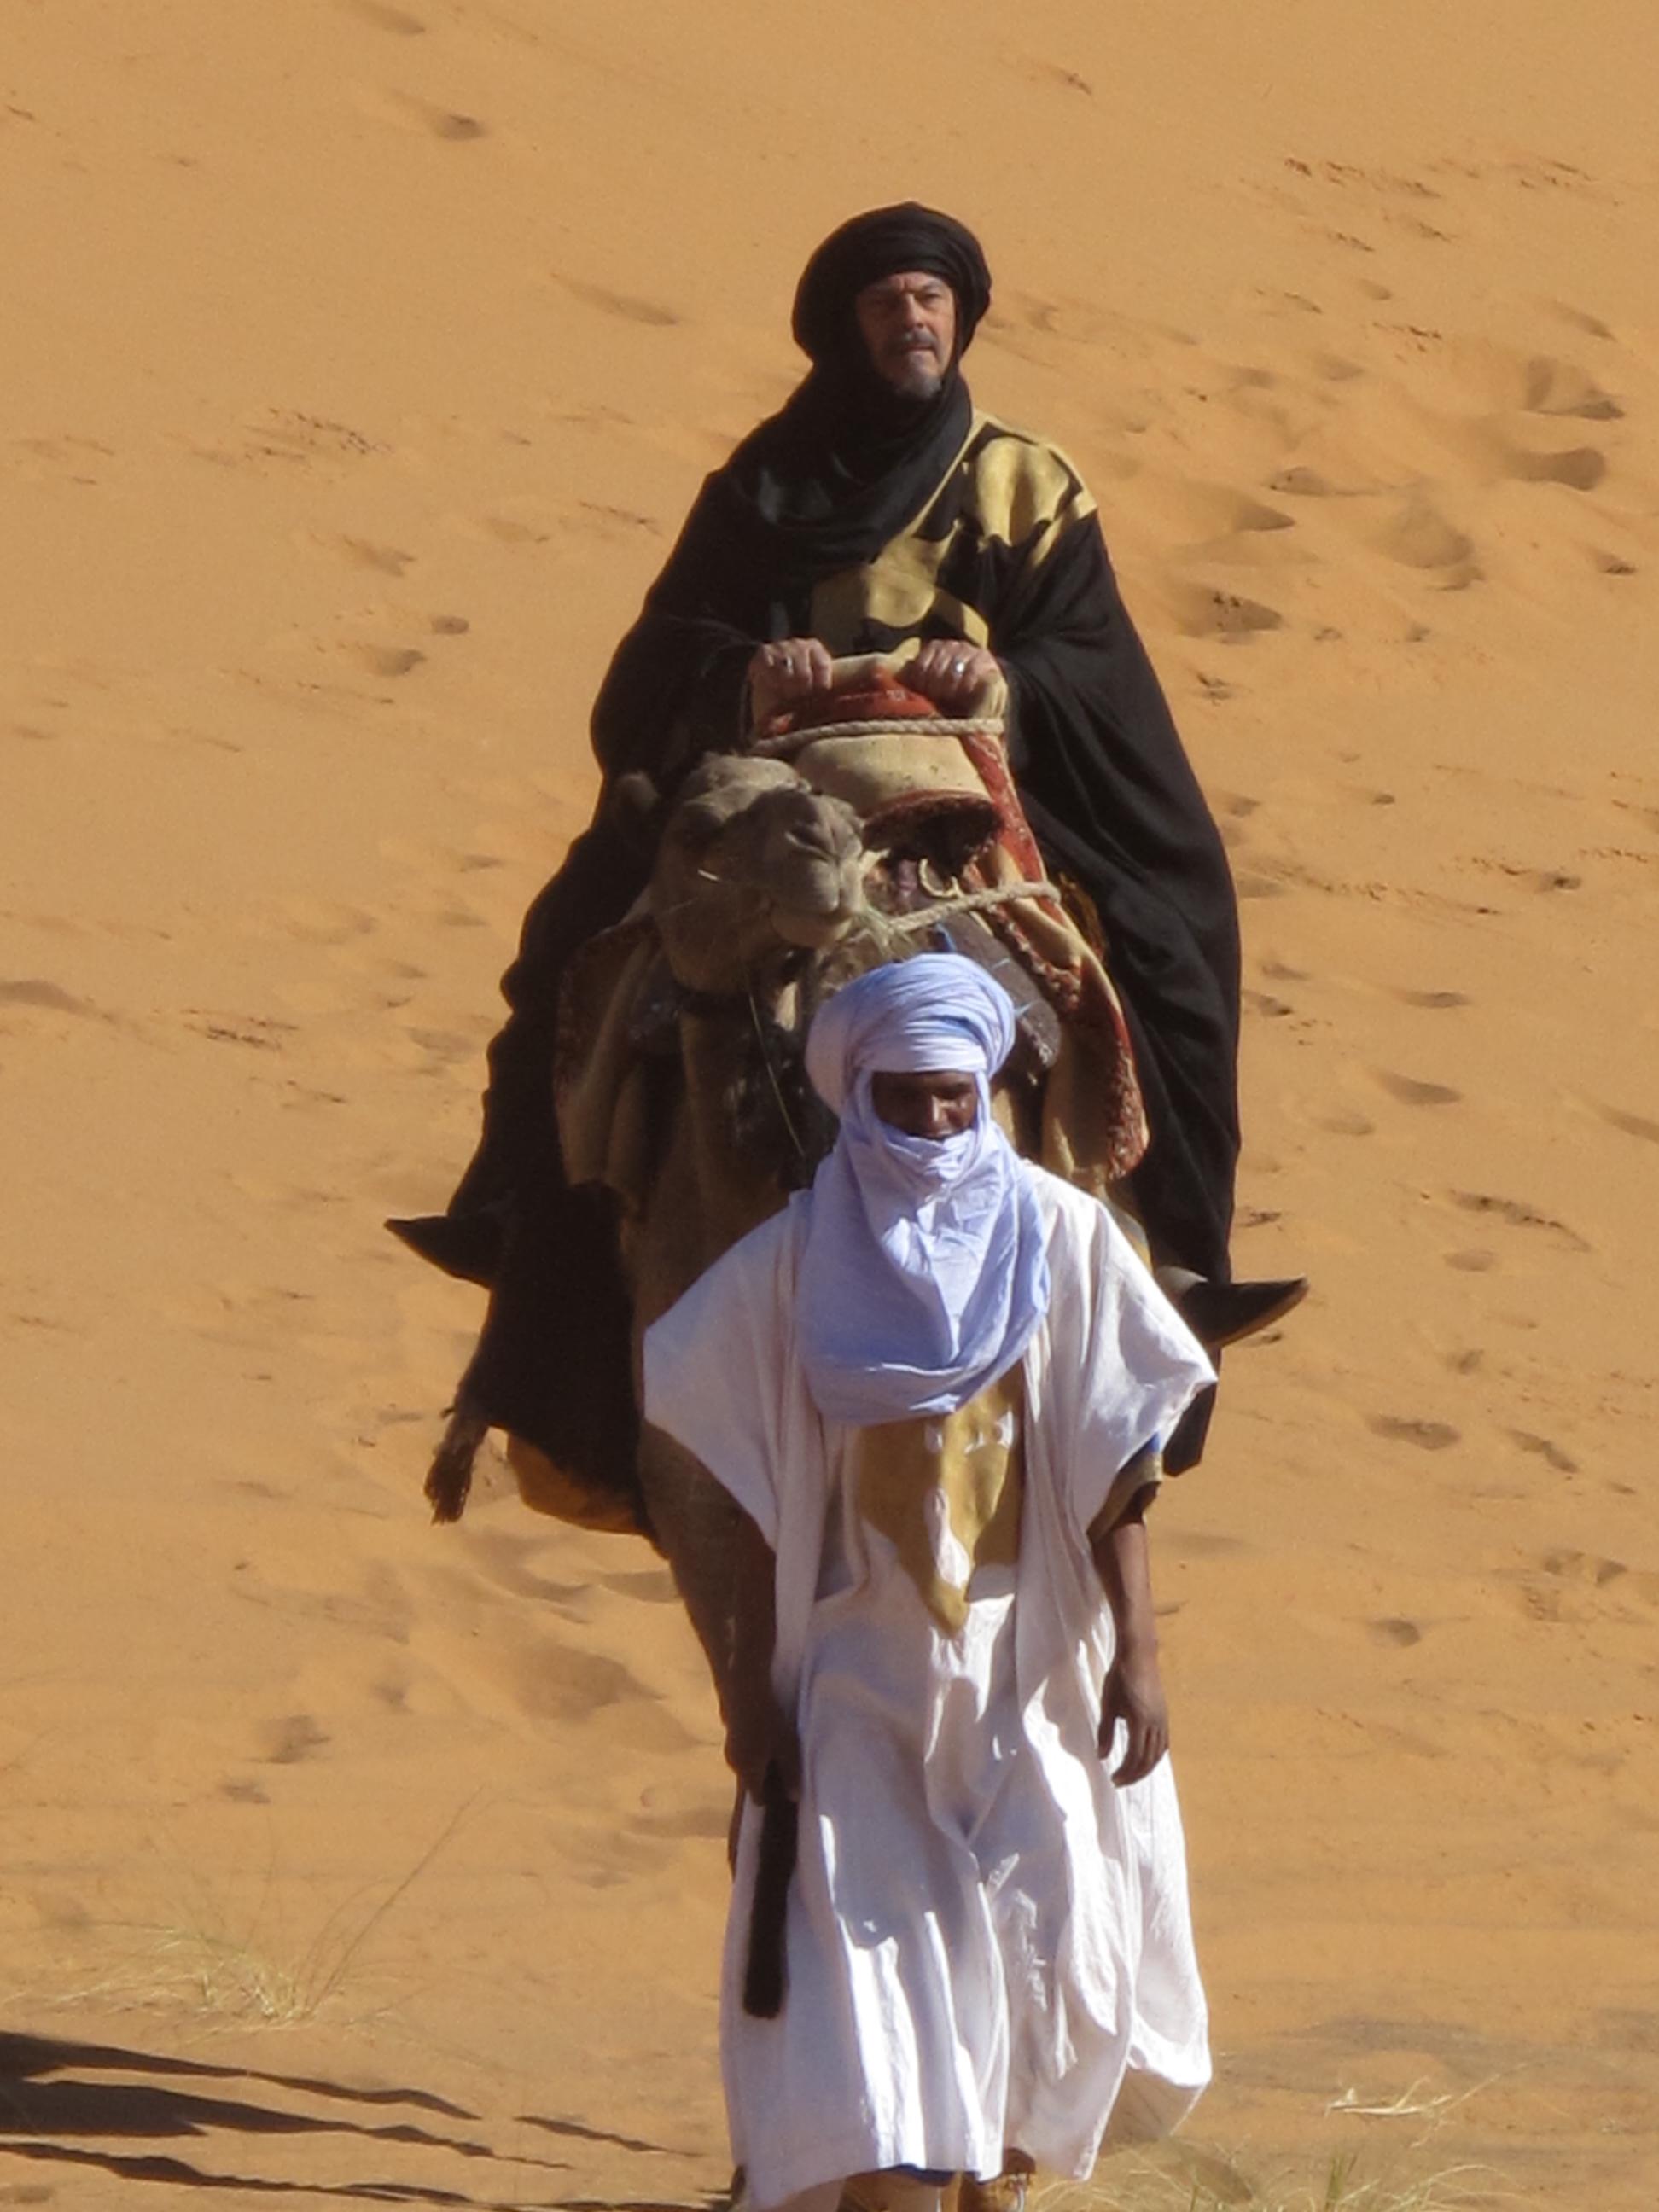 Tuareg a la cabeza-Sahara